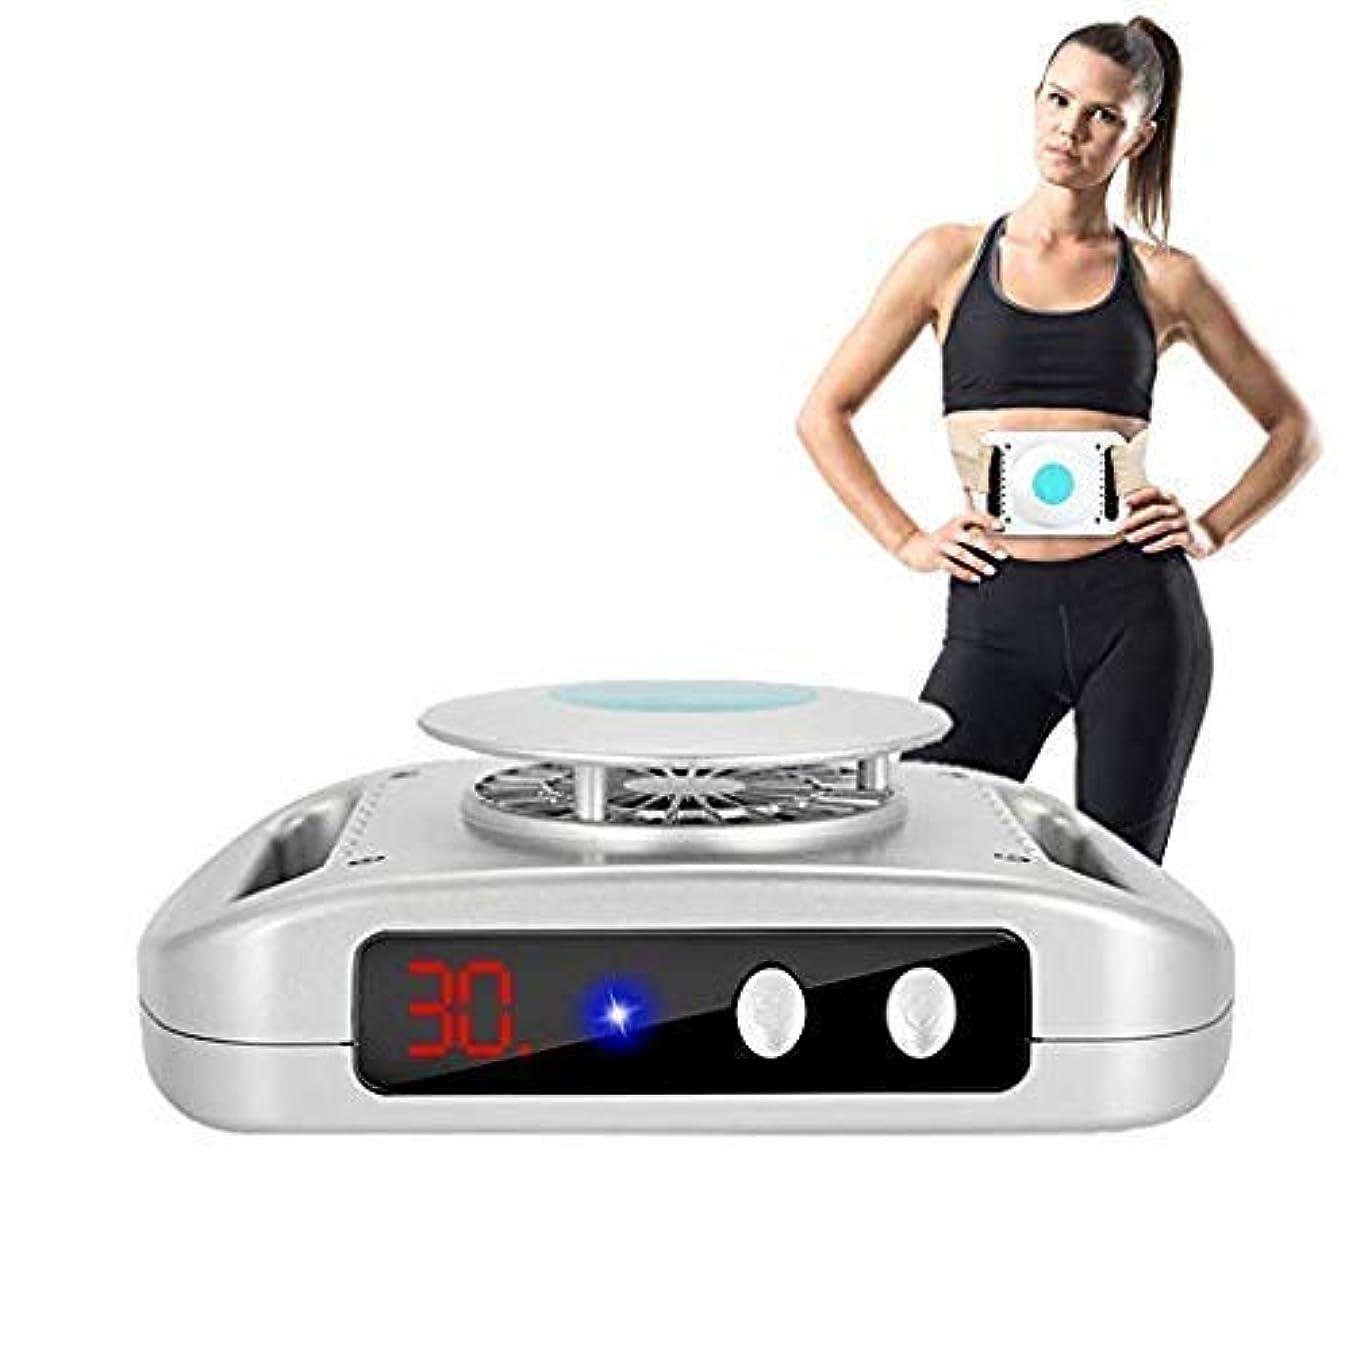 凍結脂肪除去機、セルライト過剰脂肪に対する細胞の凍結損失システム革命的な方法(白)